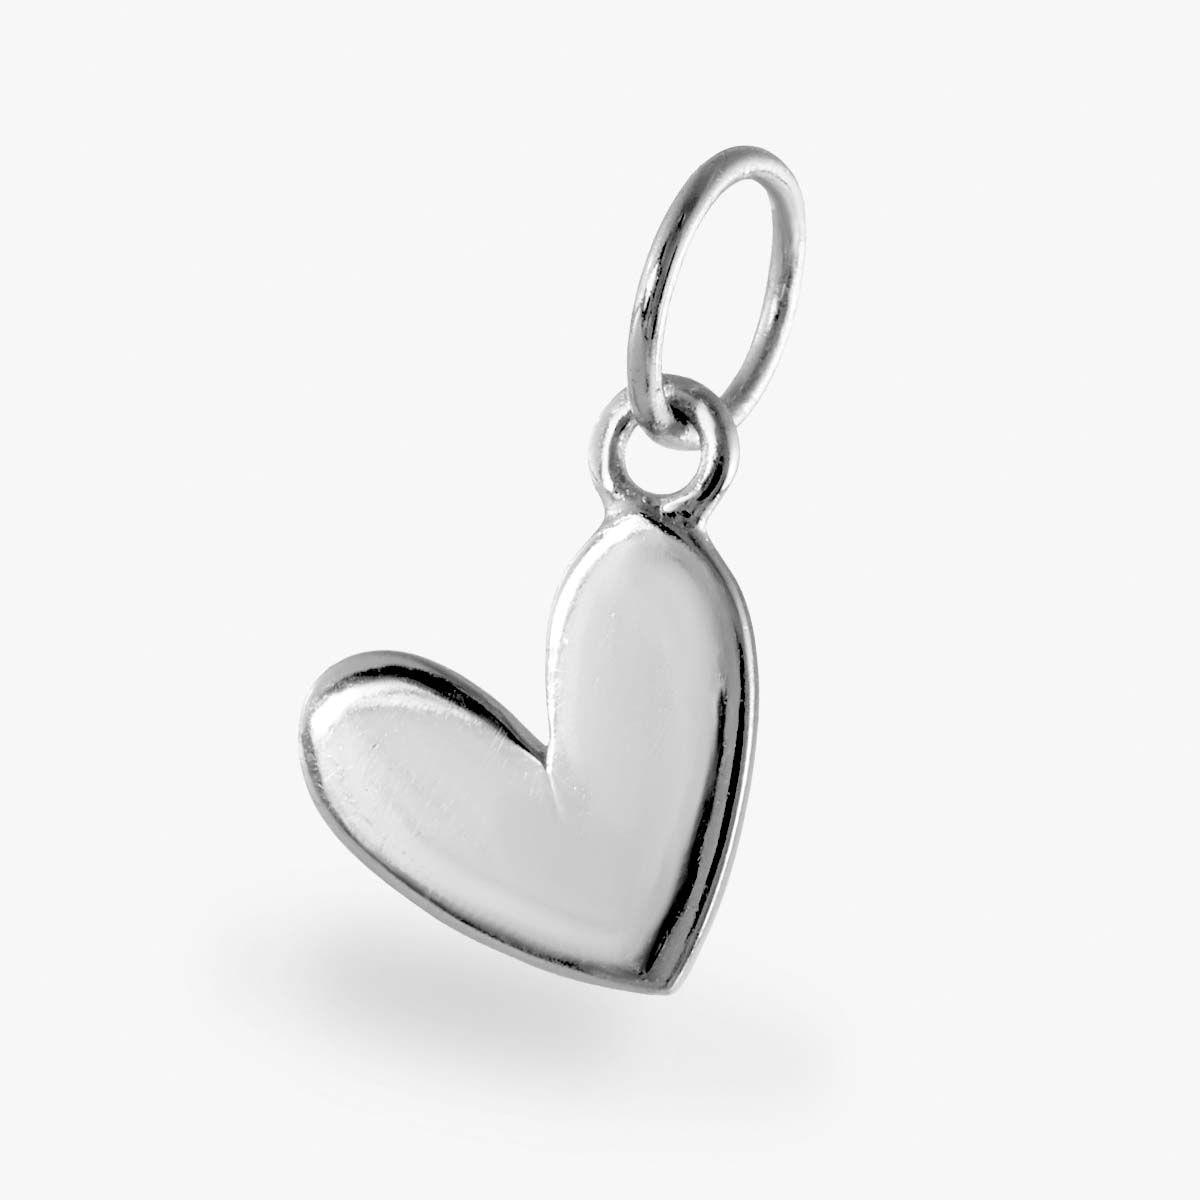 Herz Anhänger - Kettenanhänger - Silber